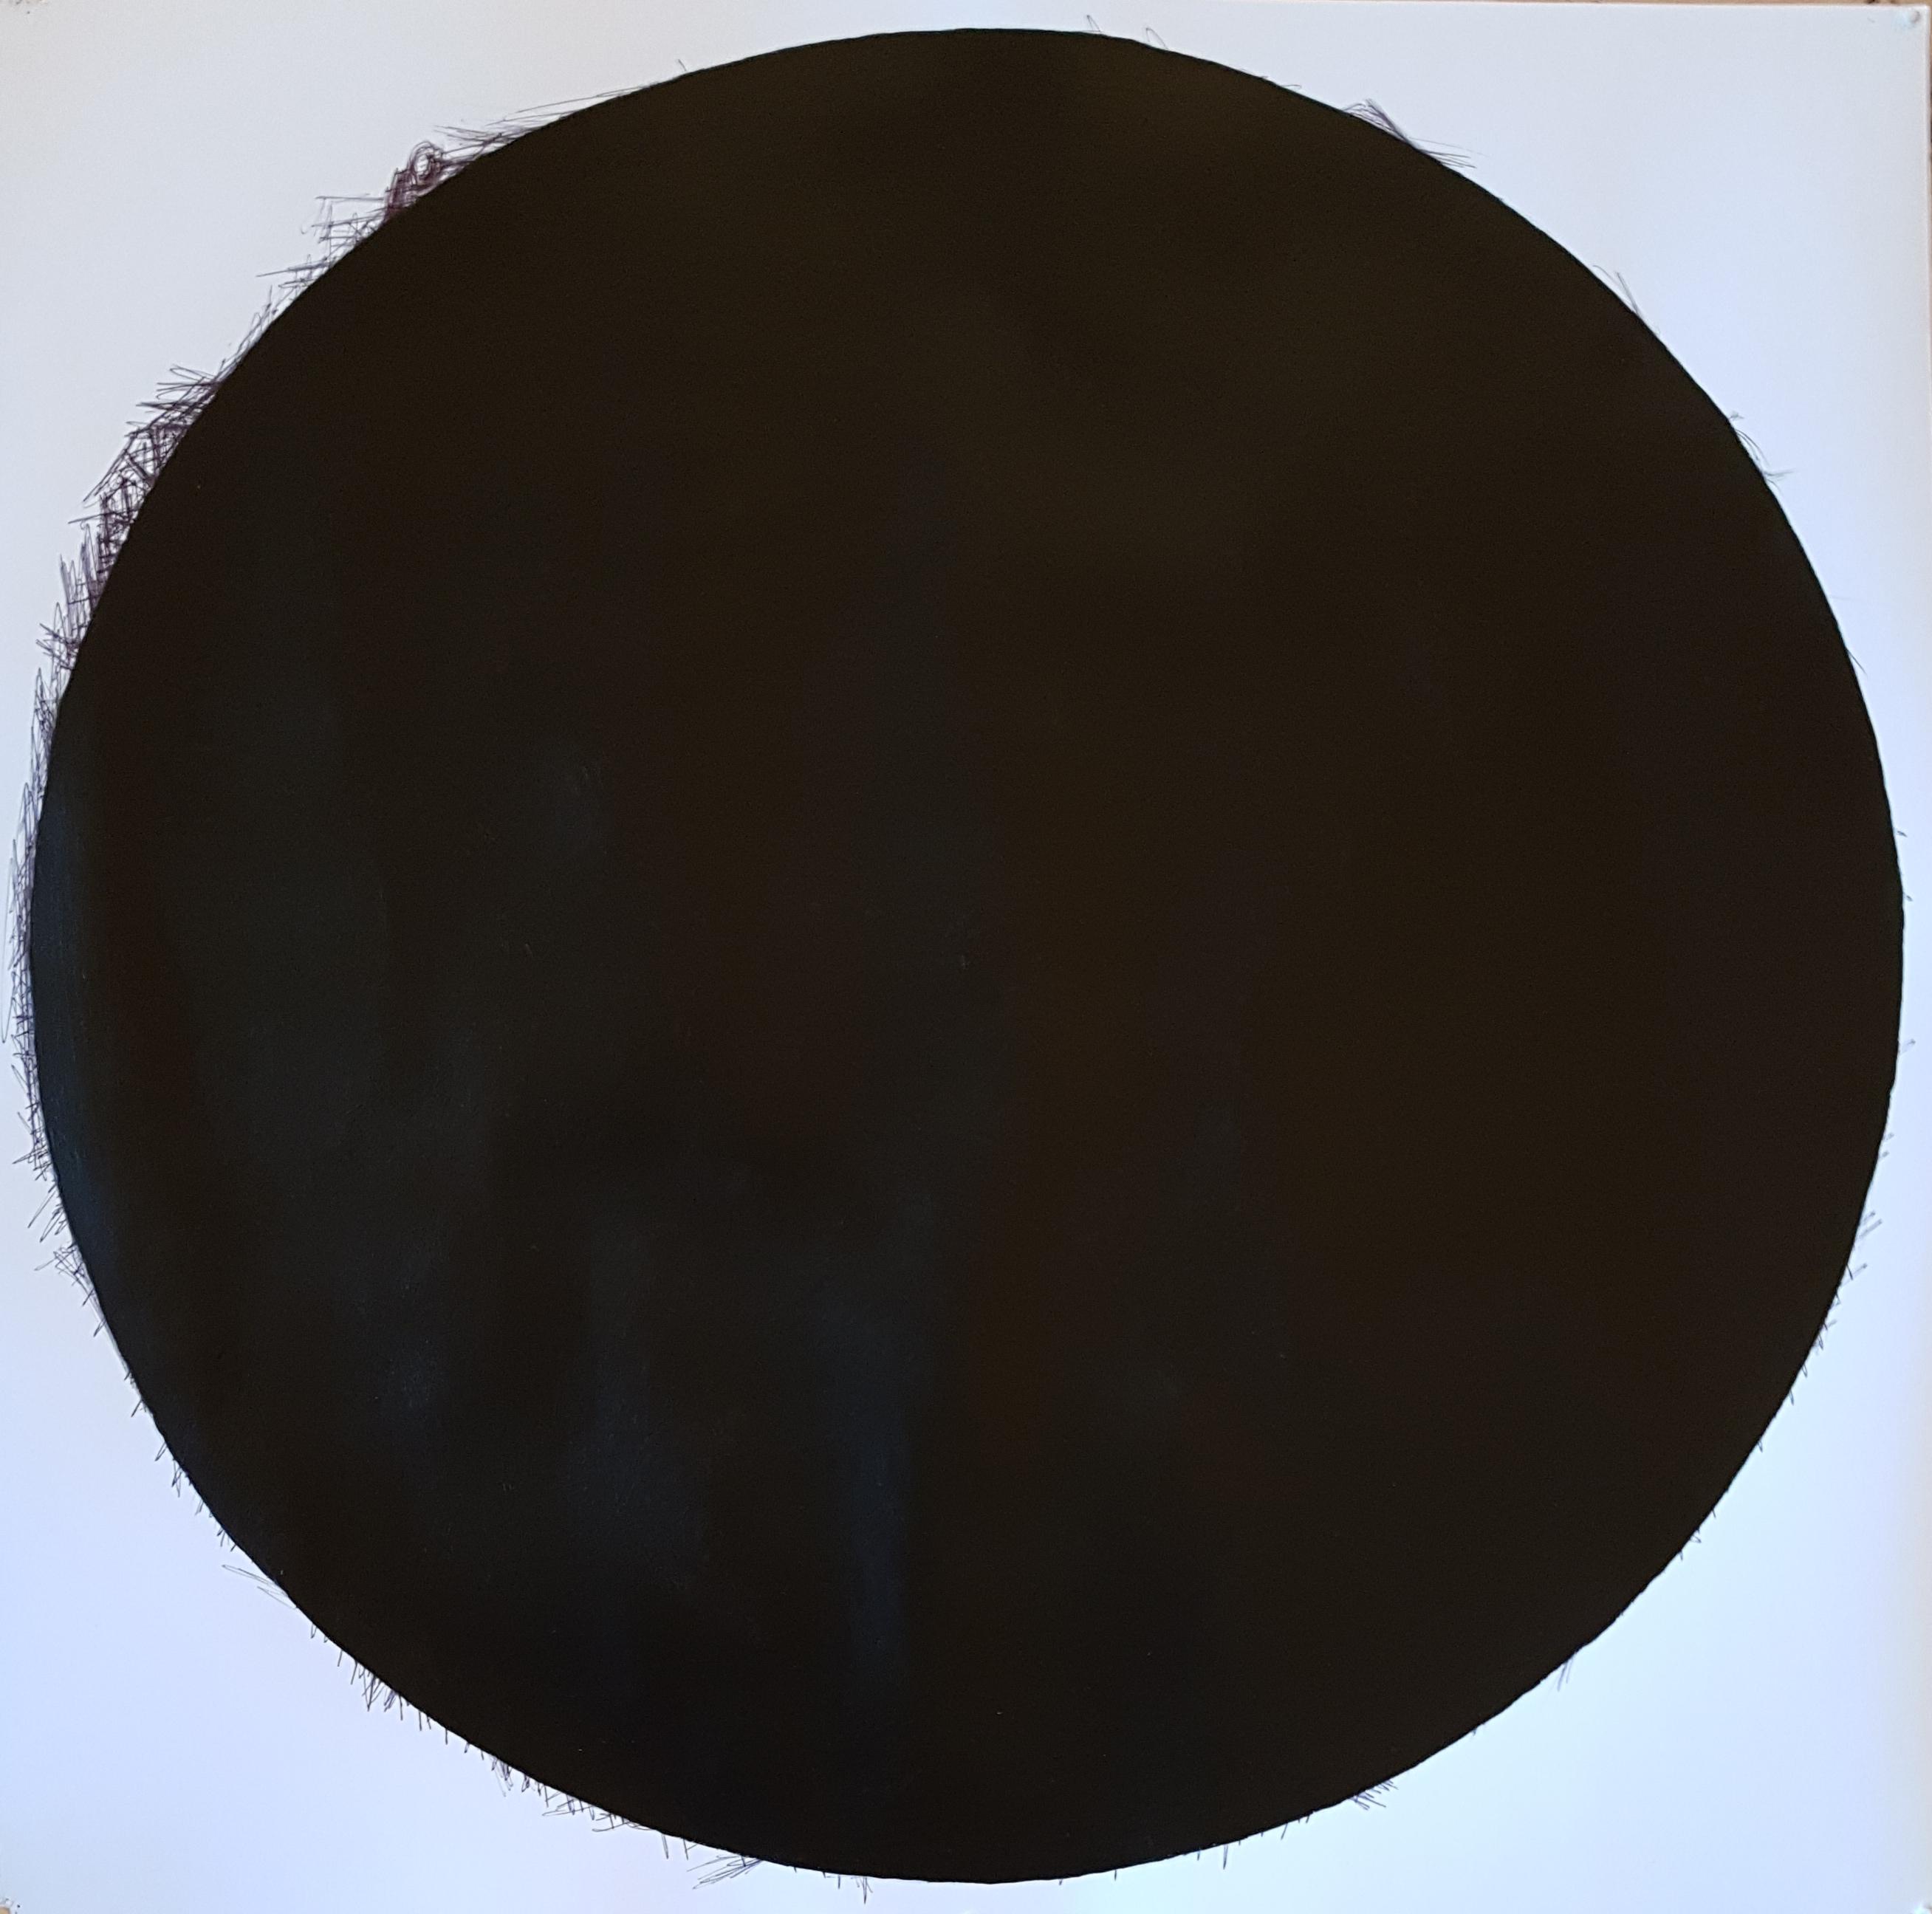 """Mappemonde Peinture, """"Notre-Dame de Paris 2019"""", stylo bille et acrylique sur papier, 71 x 71 cm. Sur un dessin réalisé au stylo bille noir représentant Notre-Dame de Paris, j"""